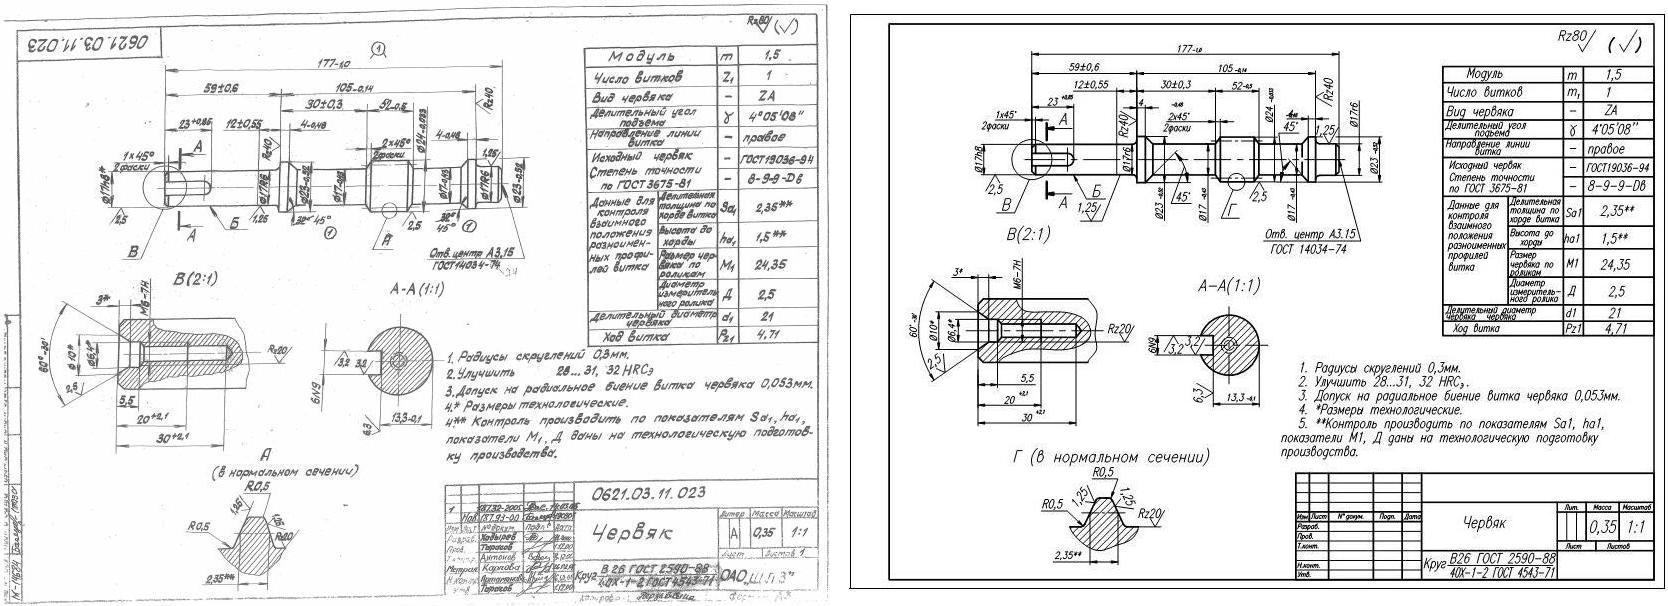 Требования к чертежу для дипломной работы 9674